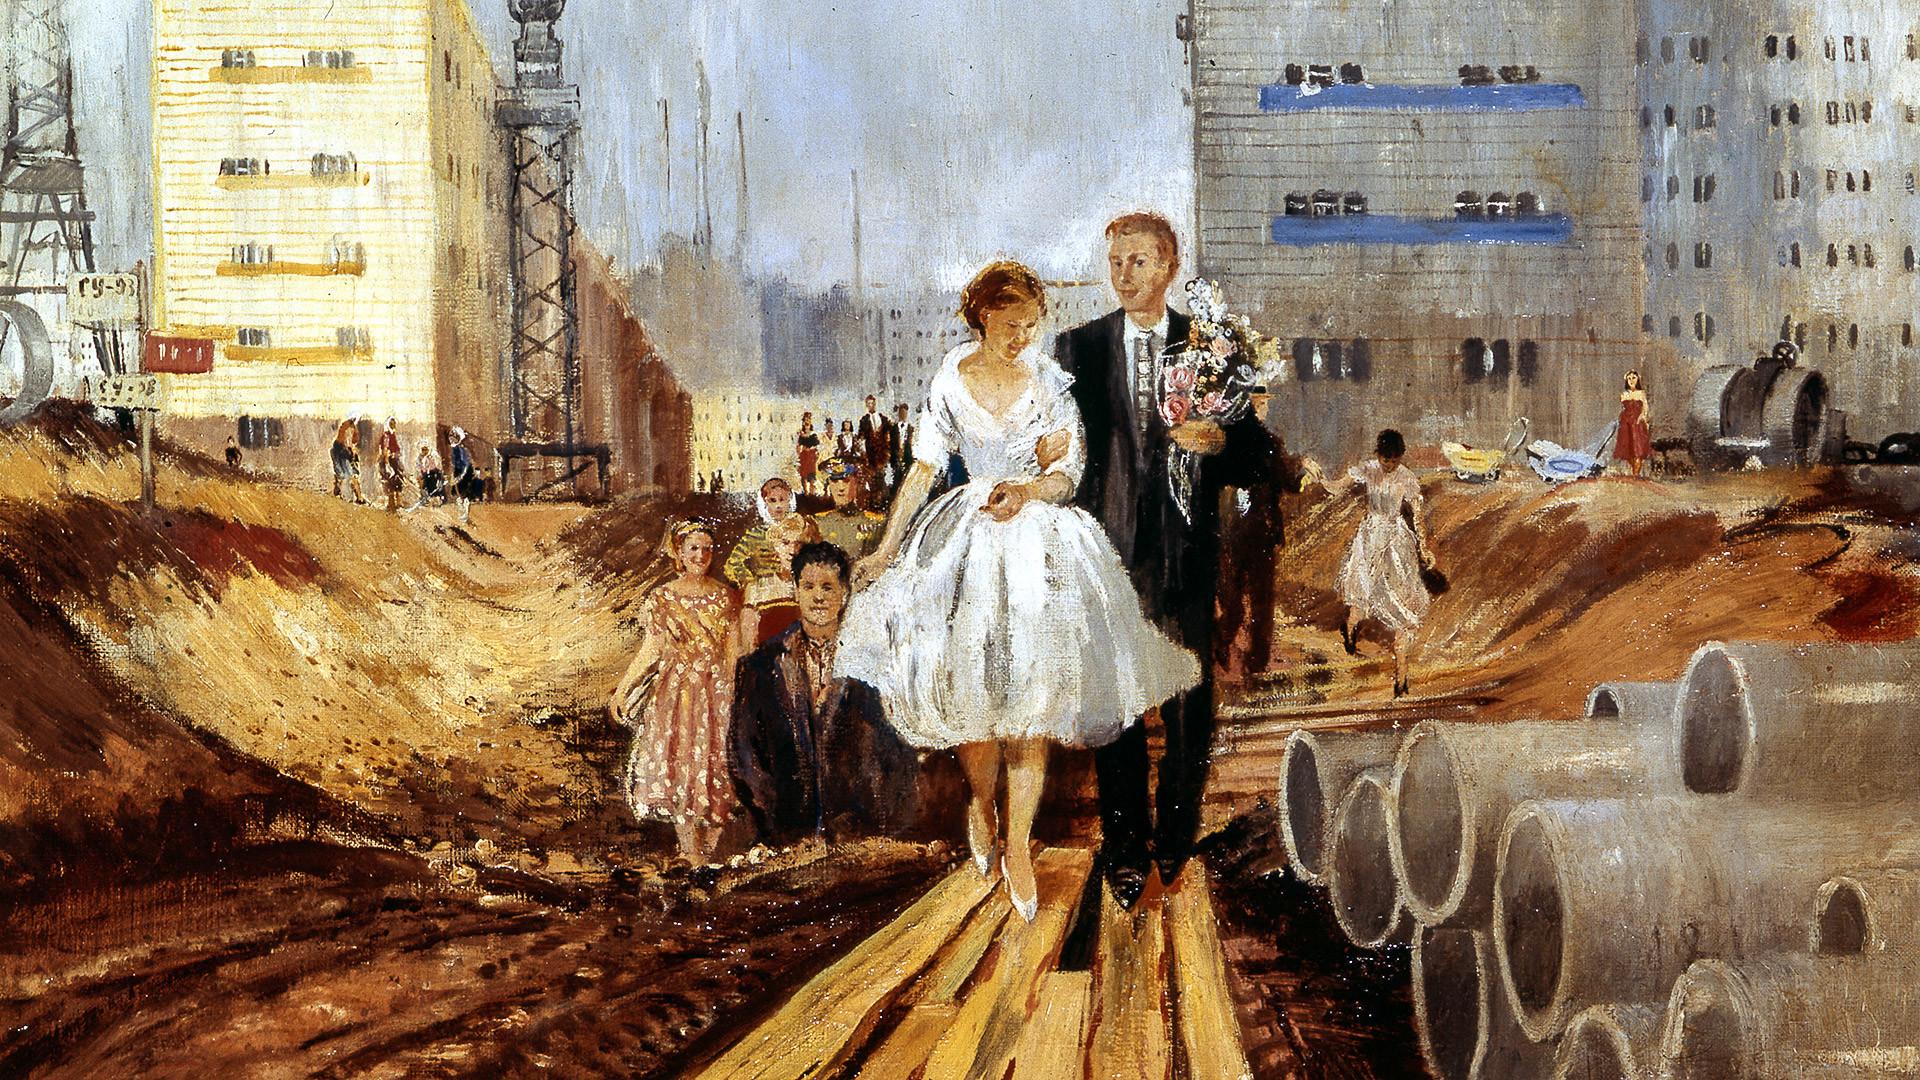 『明日の通りで行われた結婚式』、ユーリ・ピメノフ作、1962年